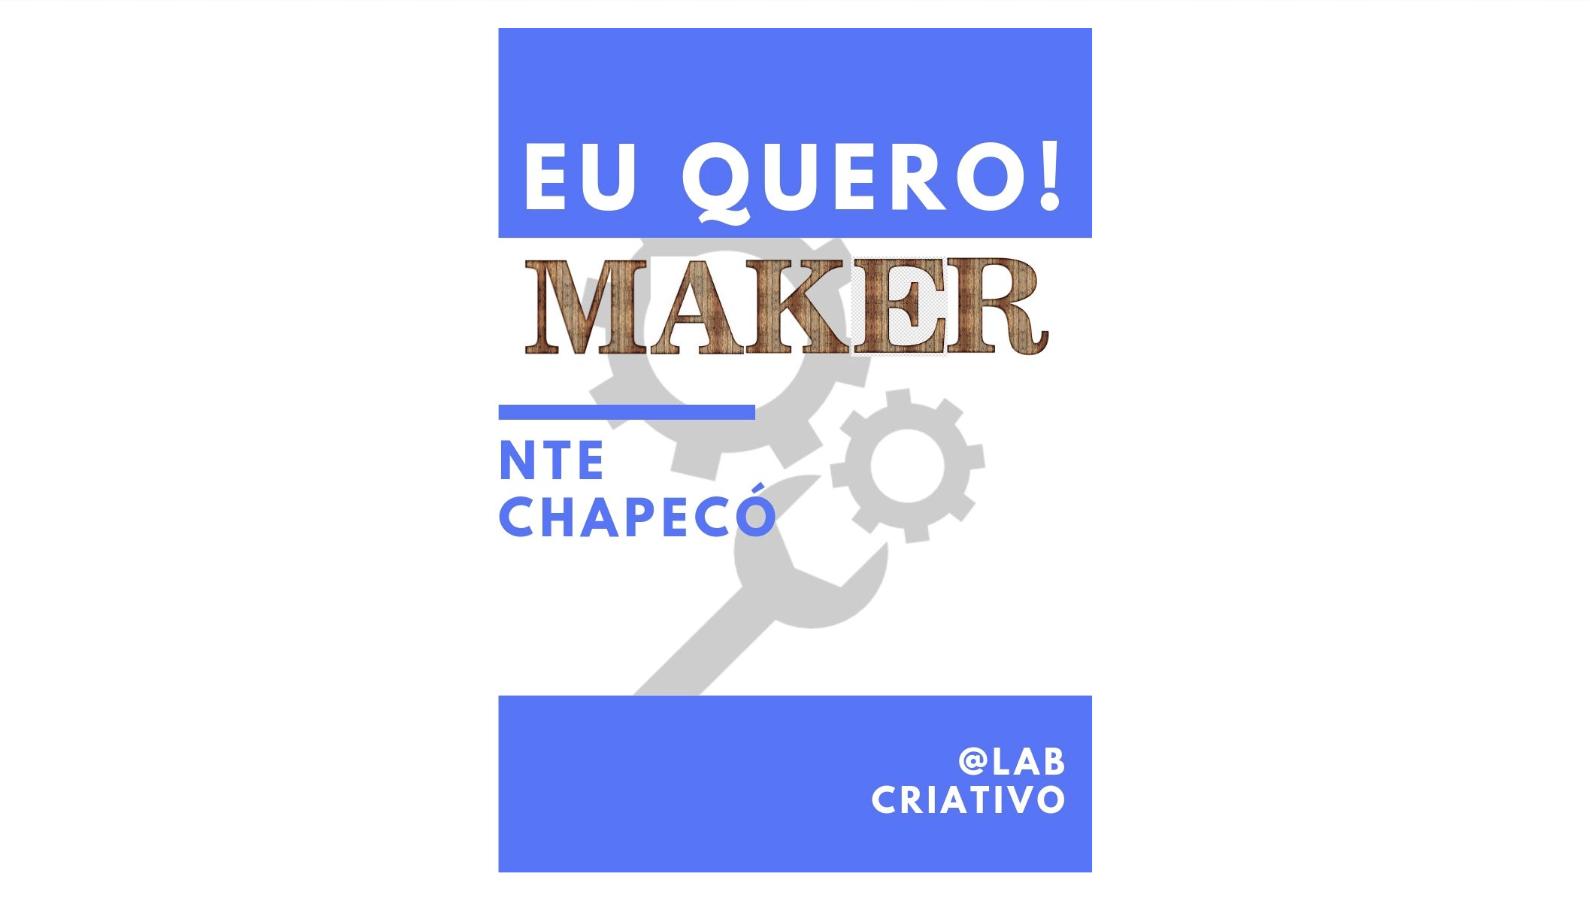 #queromaker: Ensino Maker em Escola Pública com sucata